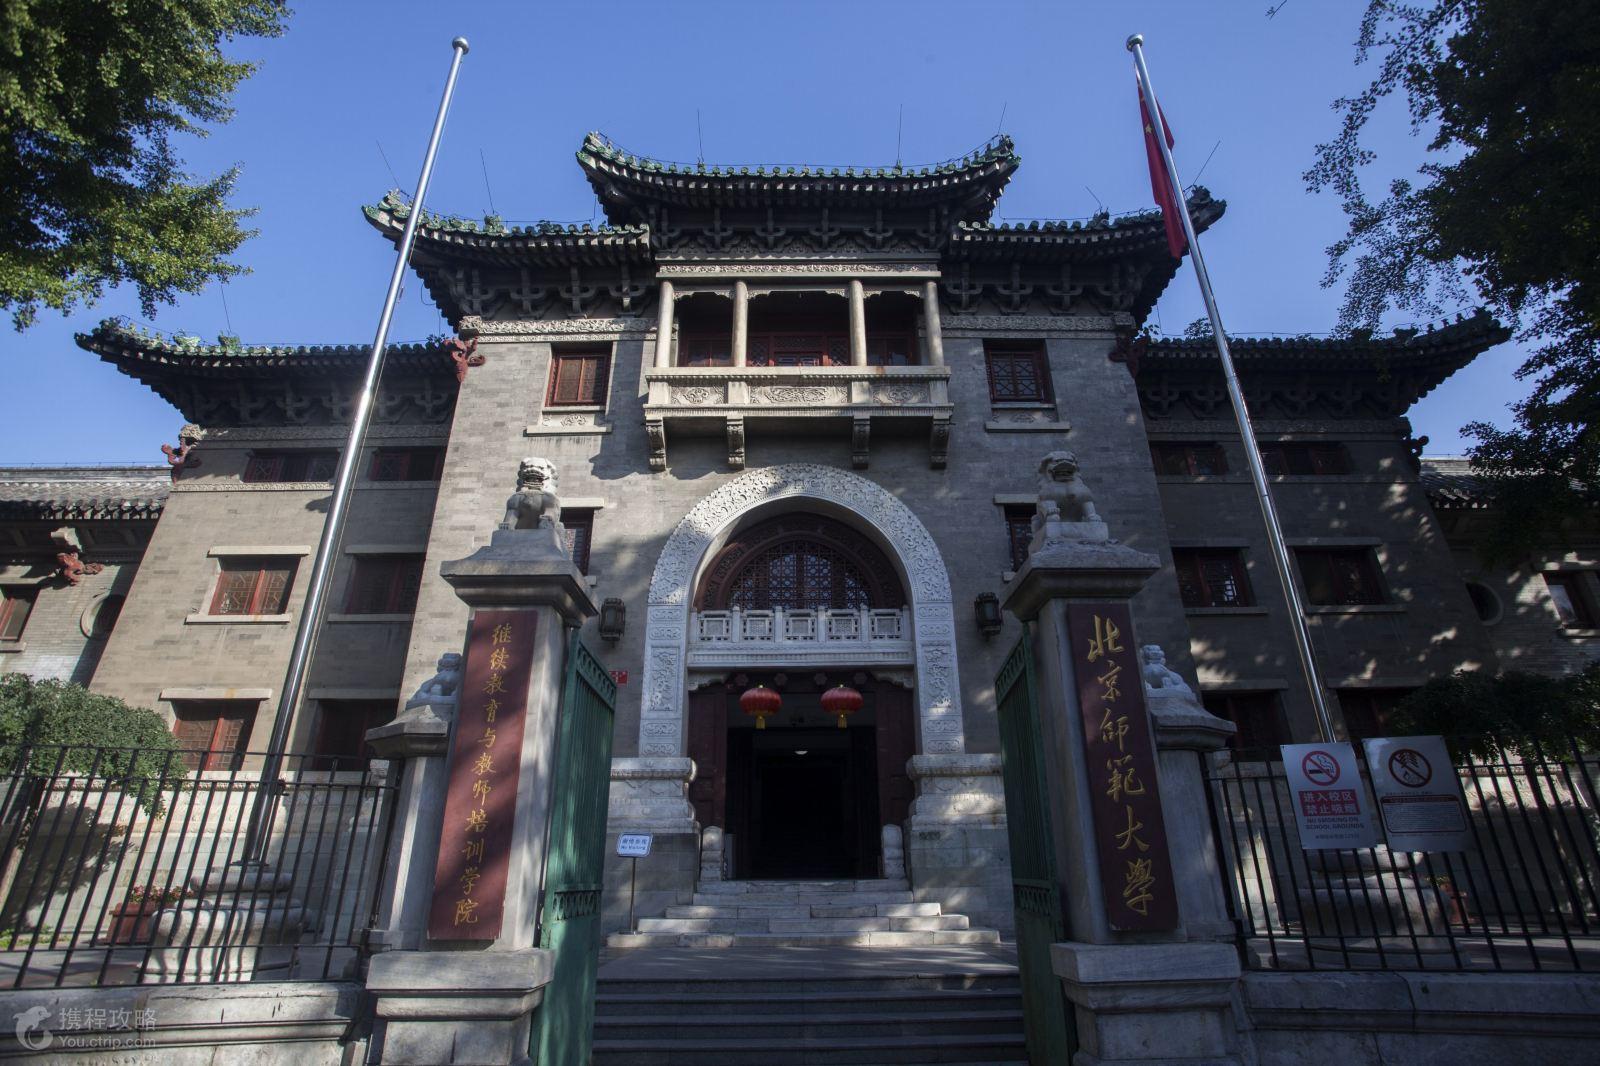 北京4日3晚跟团游·经济型酒店住宿,全程0自费0购物,一票到底